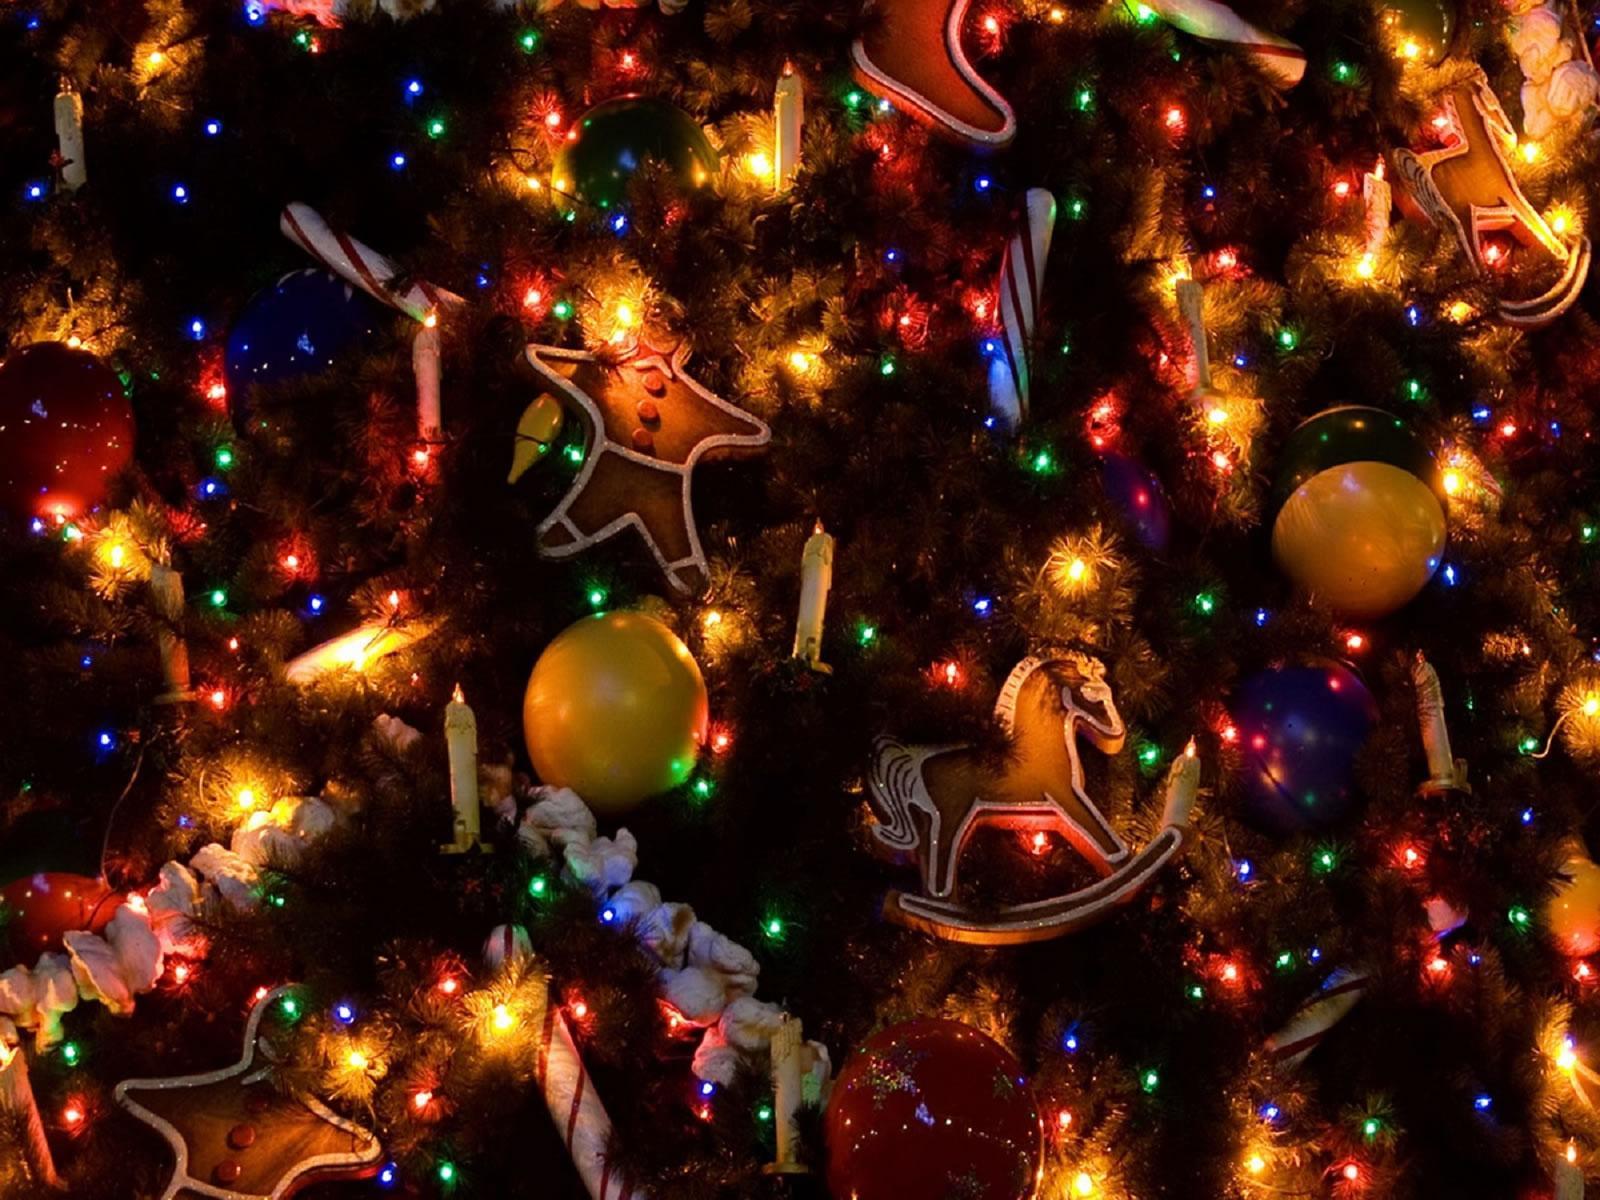 Boze Narodzenie Portugalia Wigilia Swieta Foto